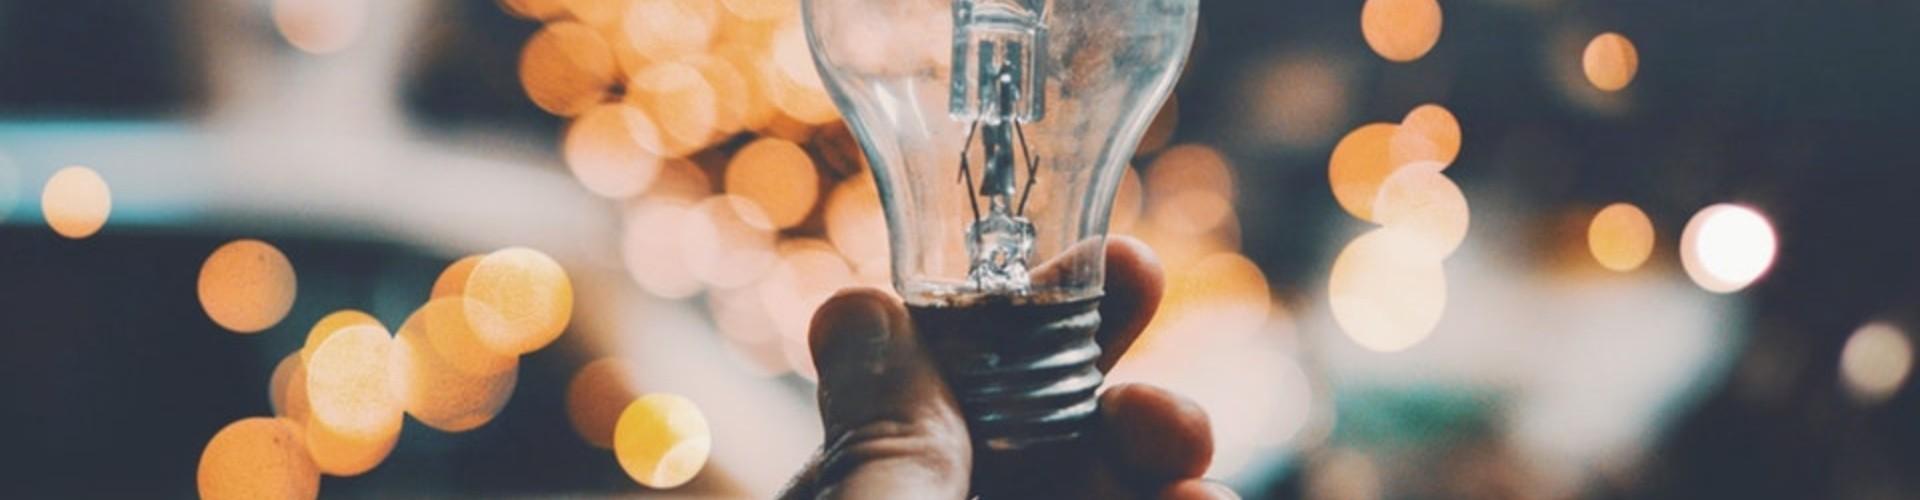 Myślenie krytyczne - co to i jak się go nauczyć? [Przykłady i ćwiczenia]